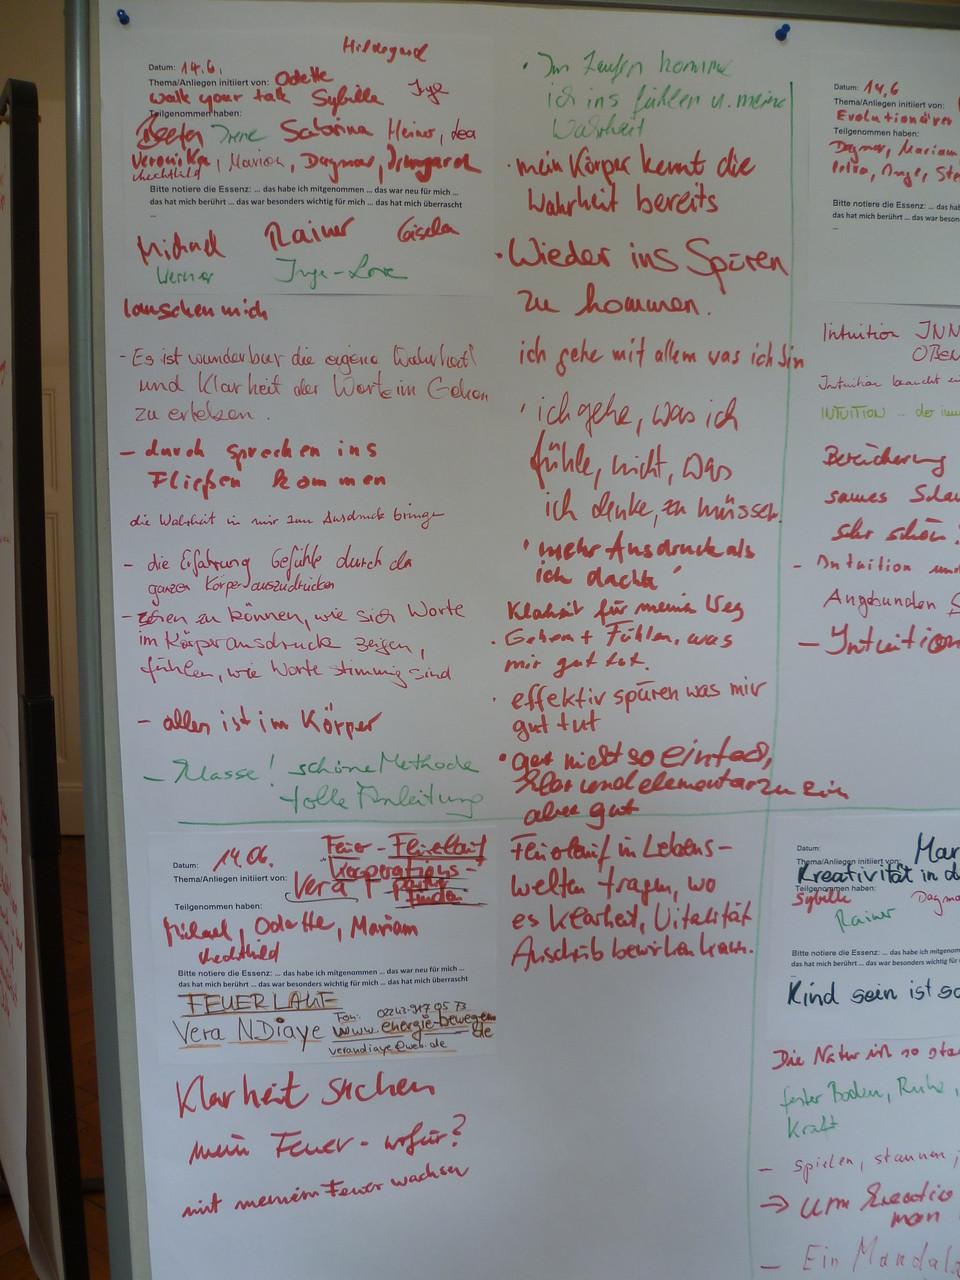 Auszug einer Wandelwand: Dokumentation des Erlebten, Erfahrenen, Gelernten aus einer Session